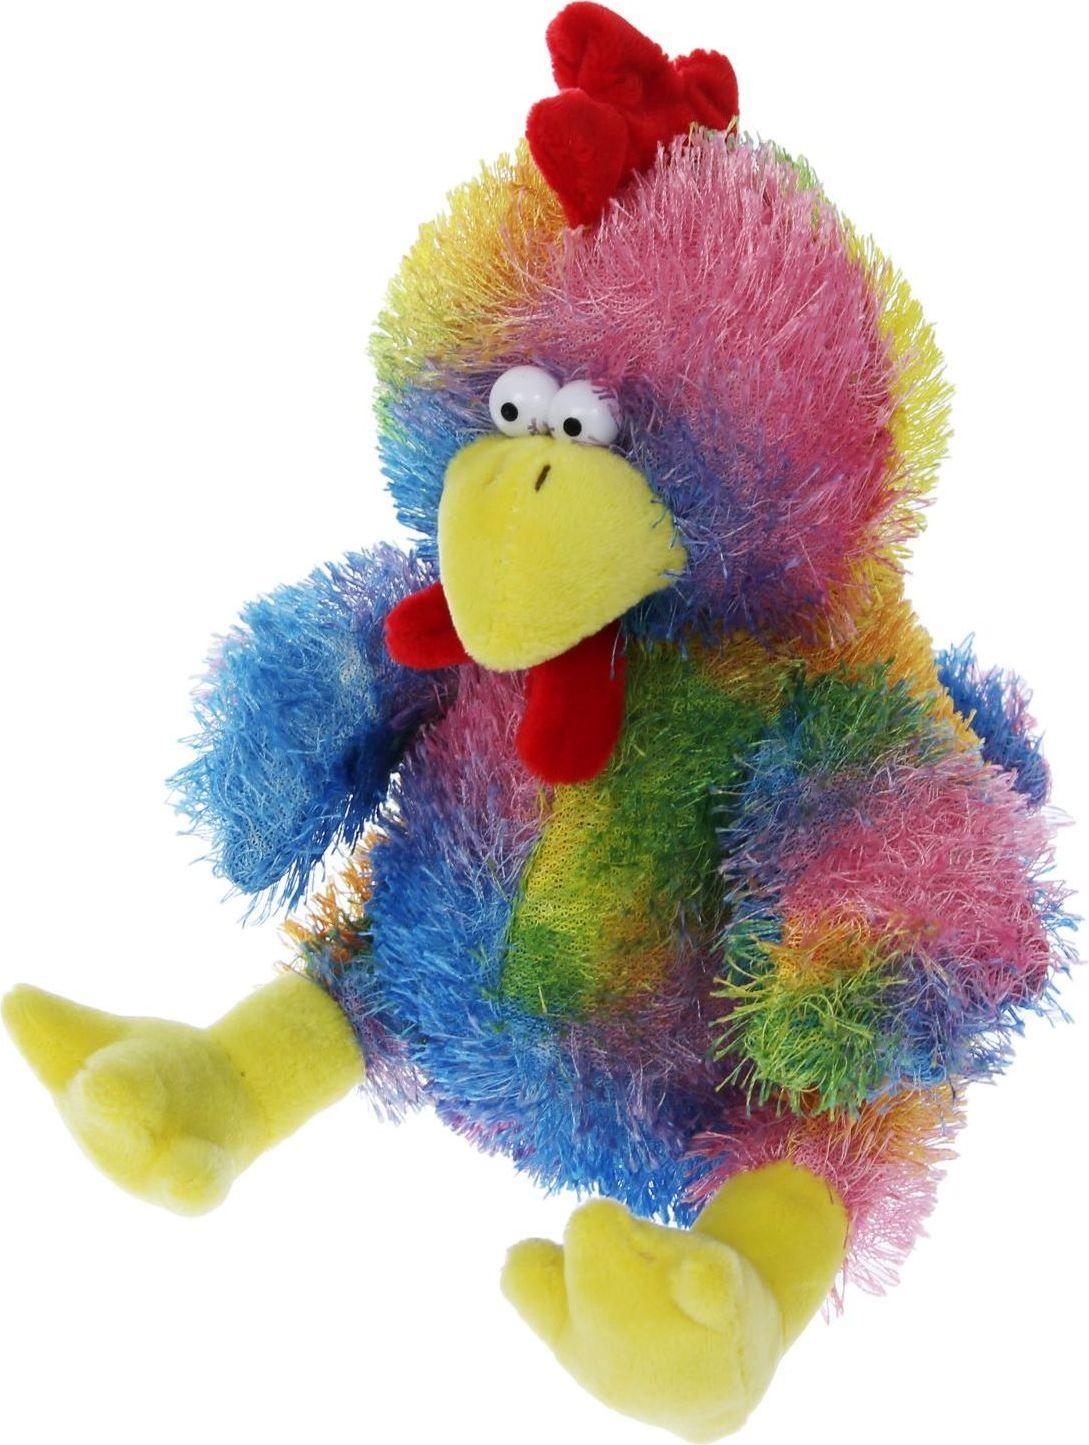 Sima-land Мягкая игрушка Петушок 1294430 sima land мягкая игрушка глазастый петушок в шарфе и с бантиком